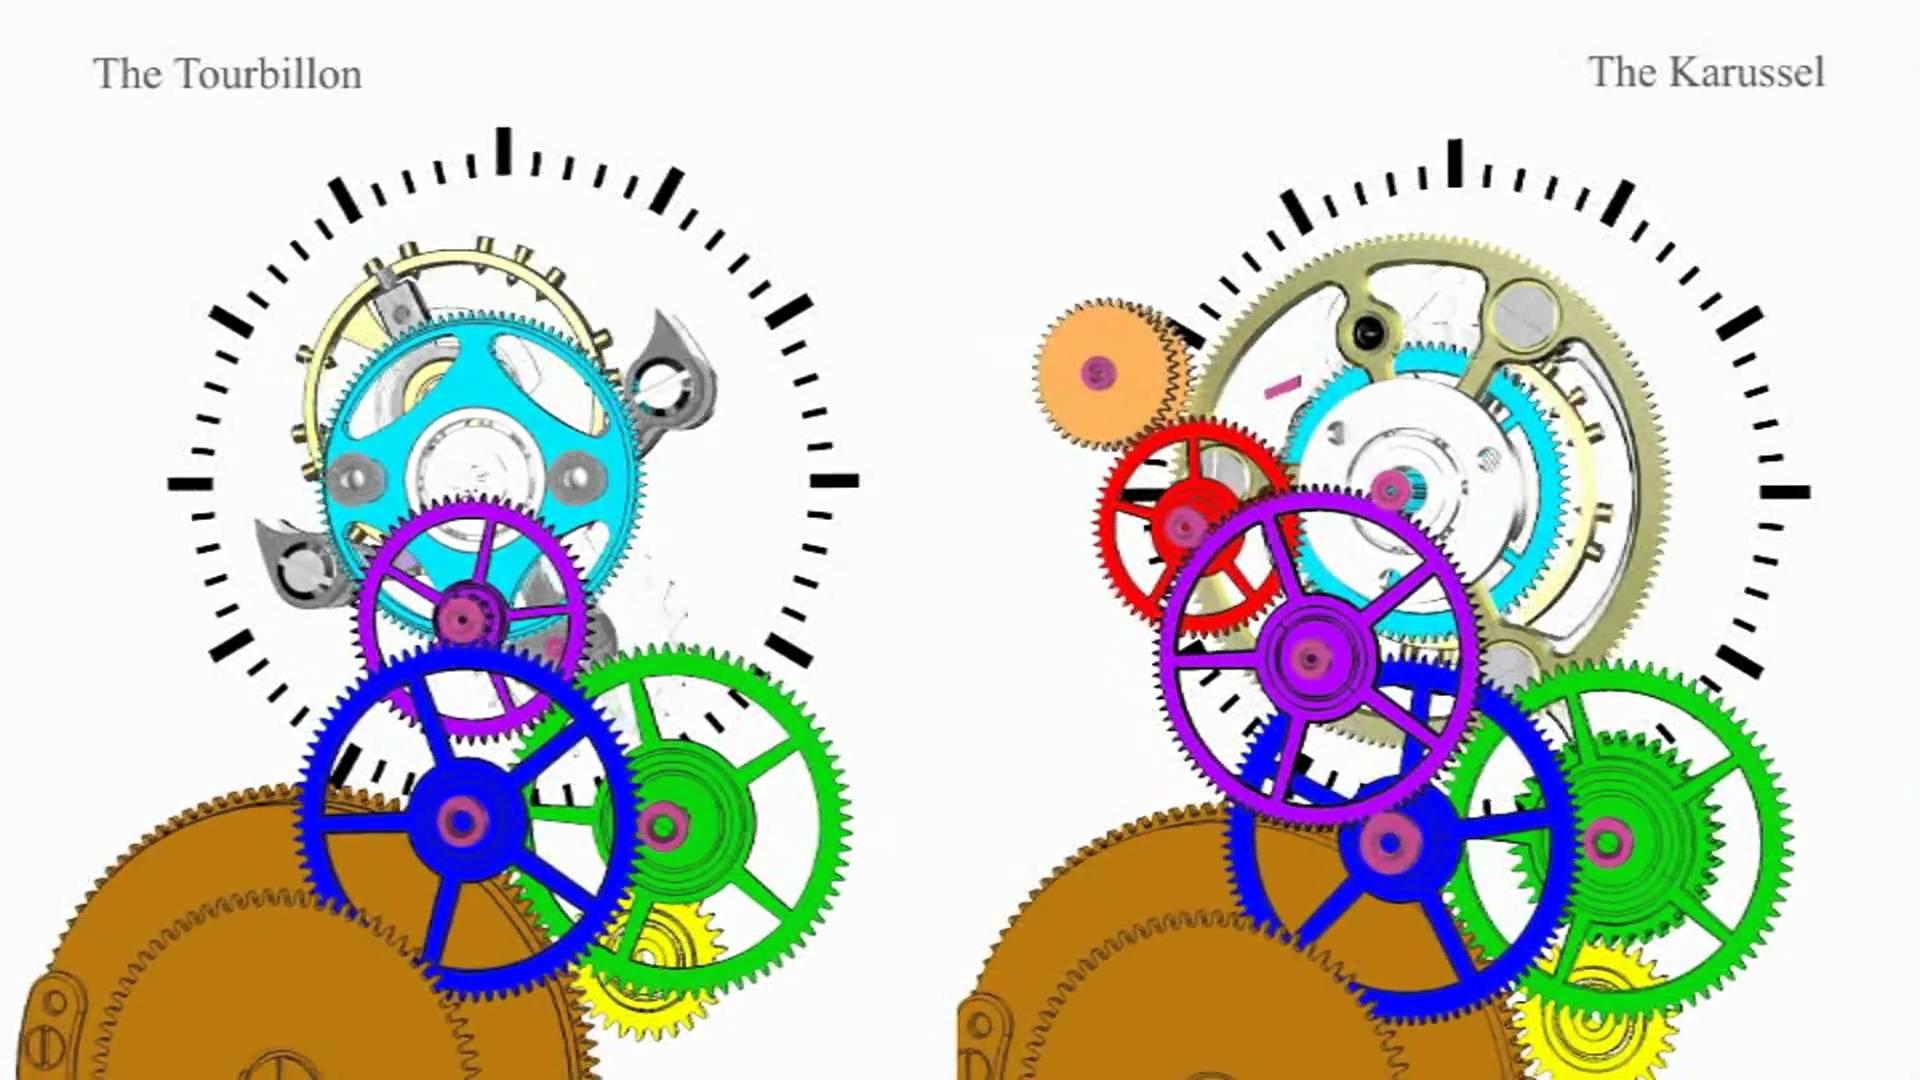 Gears clipart tourbillon Carrusel Vs Blancpain Blancpain Tourbillon